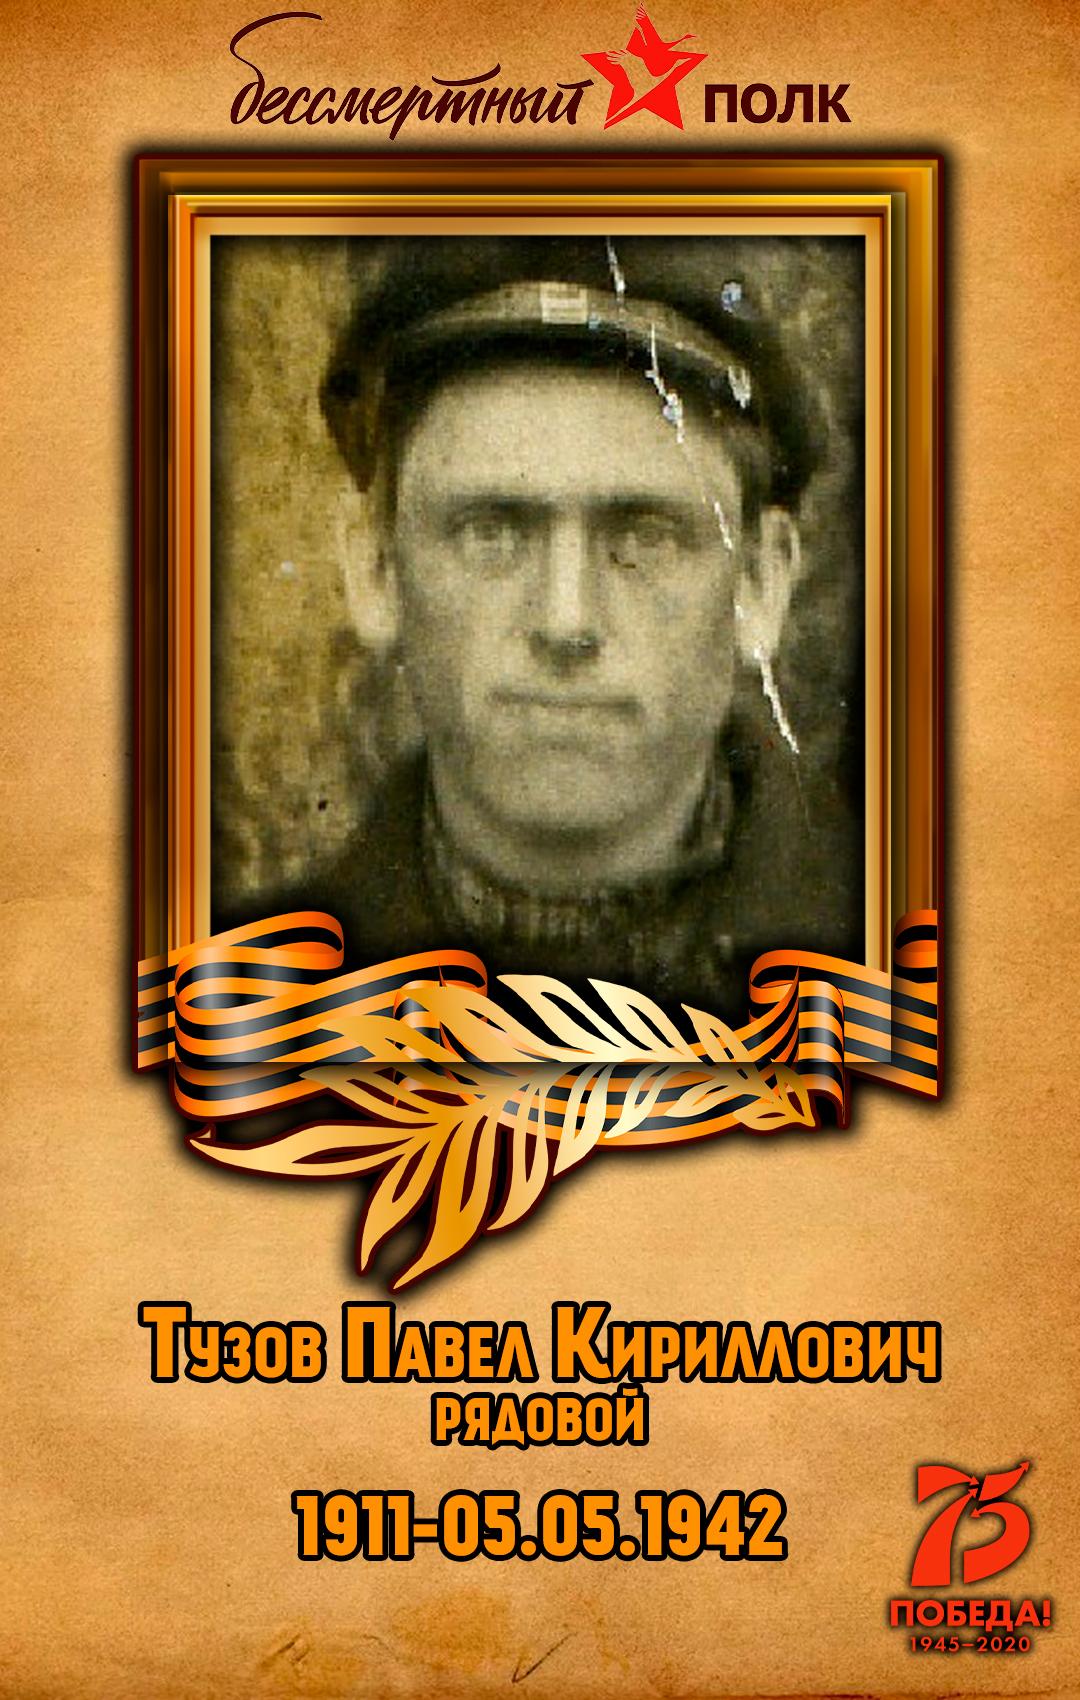 Тузов-Павел-Кириллович